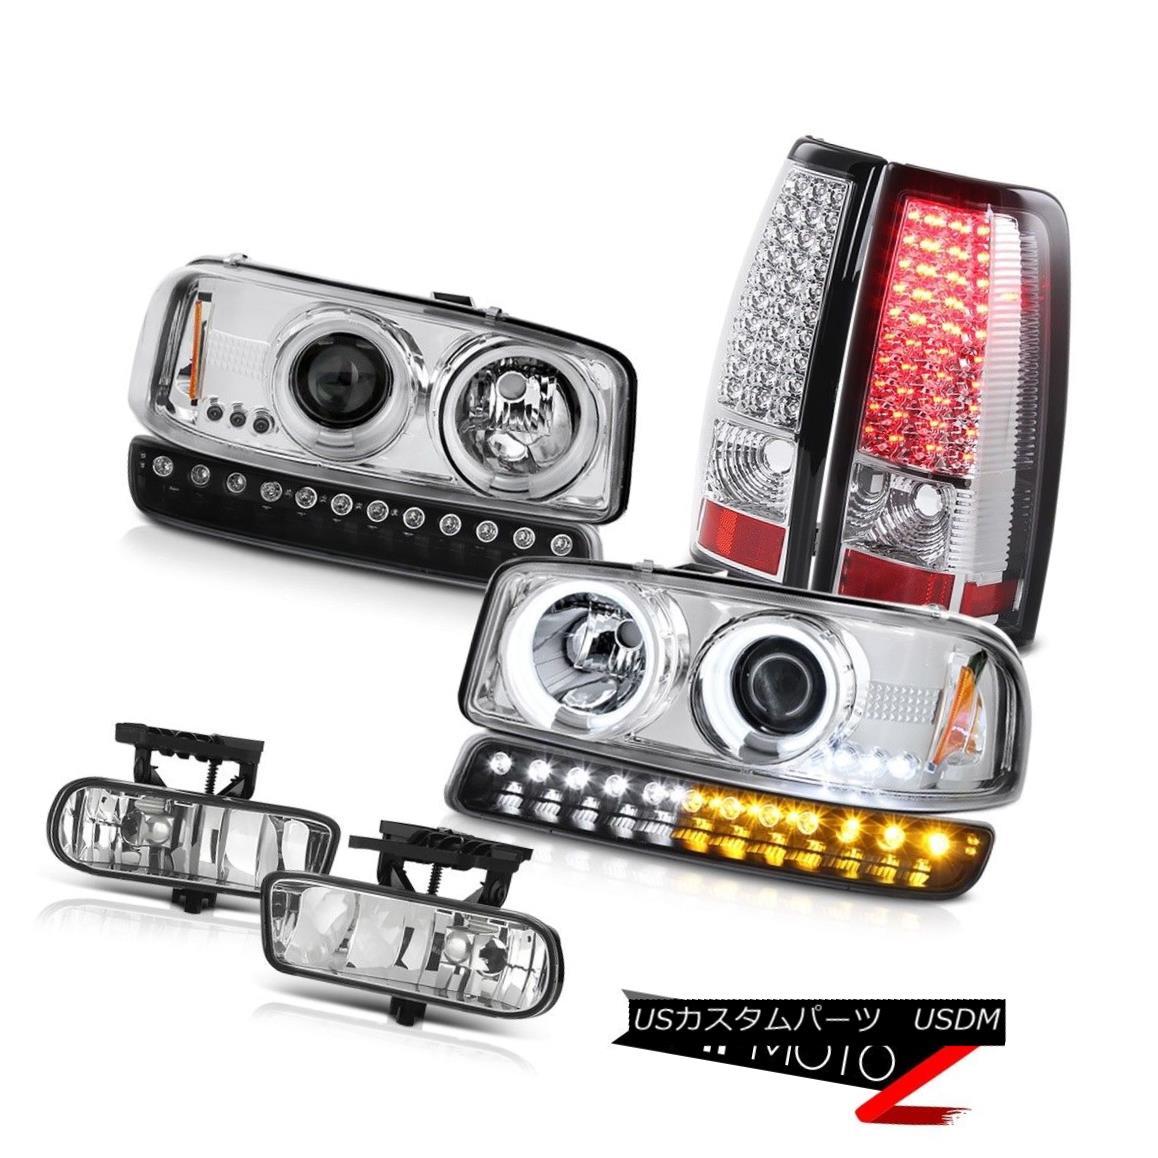 テールライト 99-02 Sierra 4.3L Chrome fog lamps smd tail turn signal ccfl projector Headlamps 99-02シエラ4.3Lクロームフォグランプsmdテールターンシグナルccflプロジェクターヘッドランプ